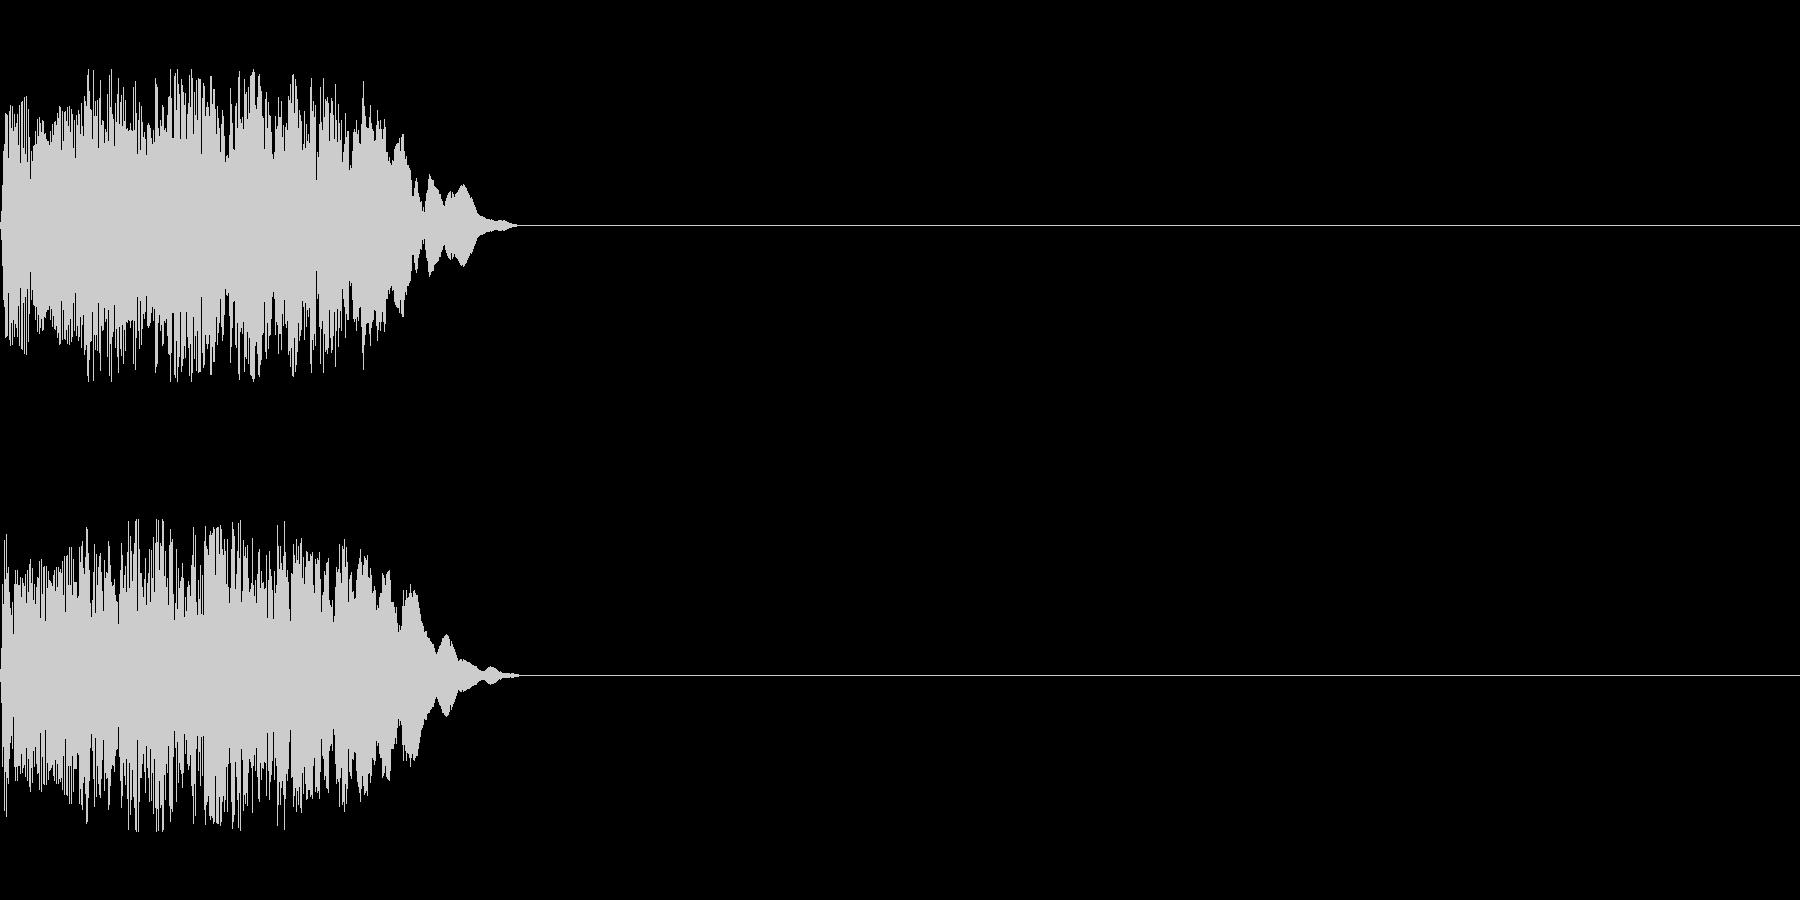 シンセサイザー レベルアップ/達成/成功の未再生の波形